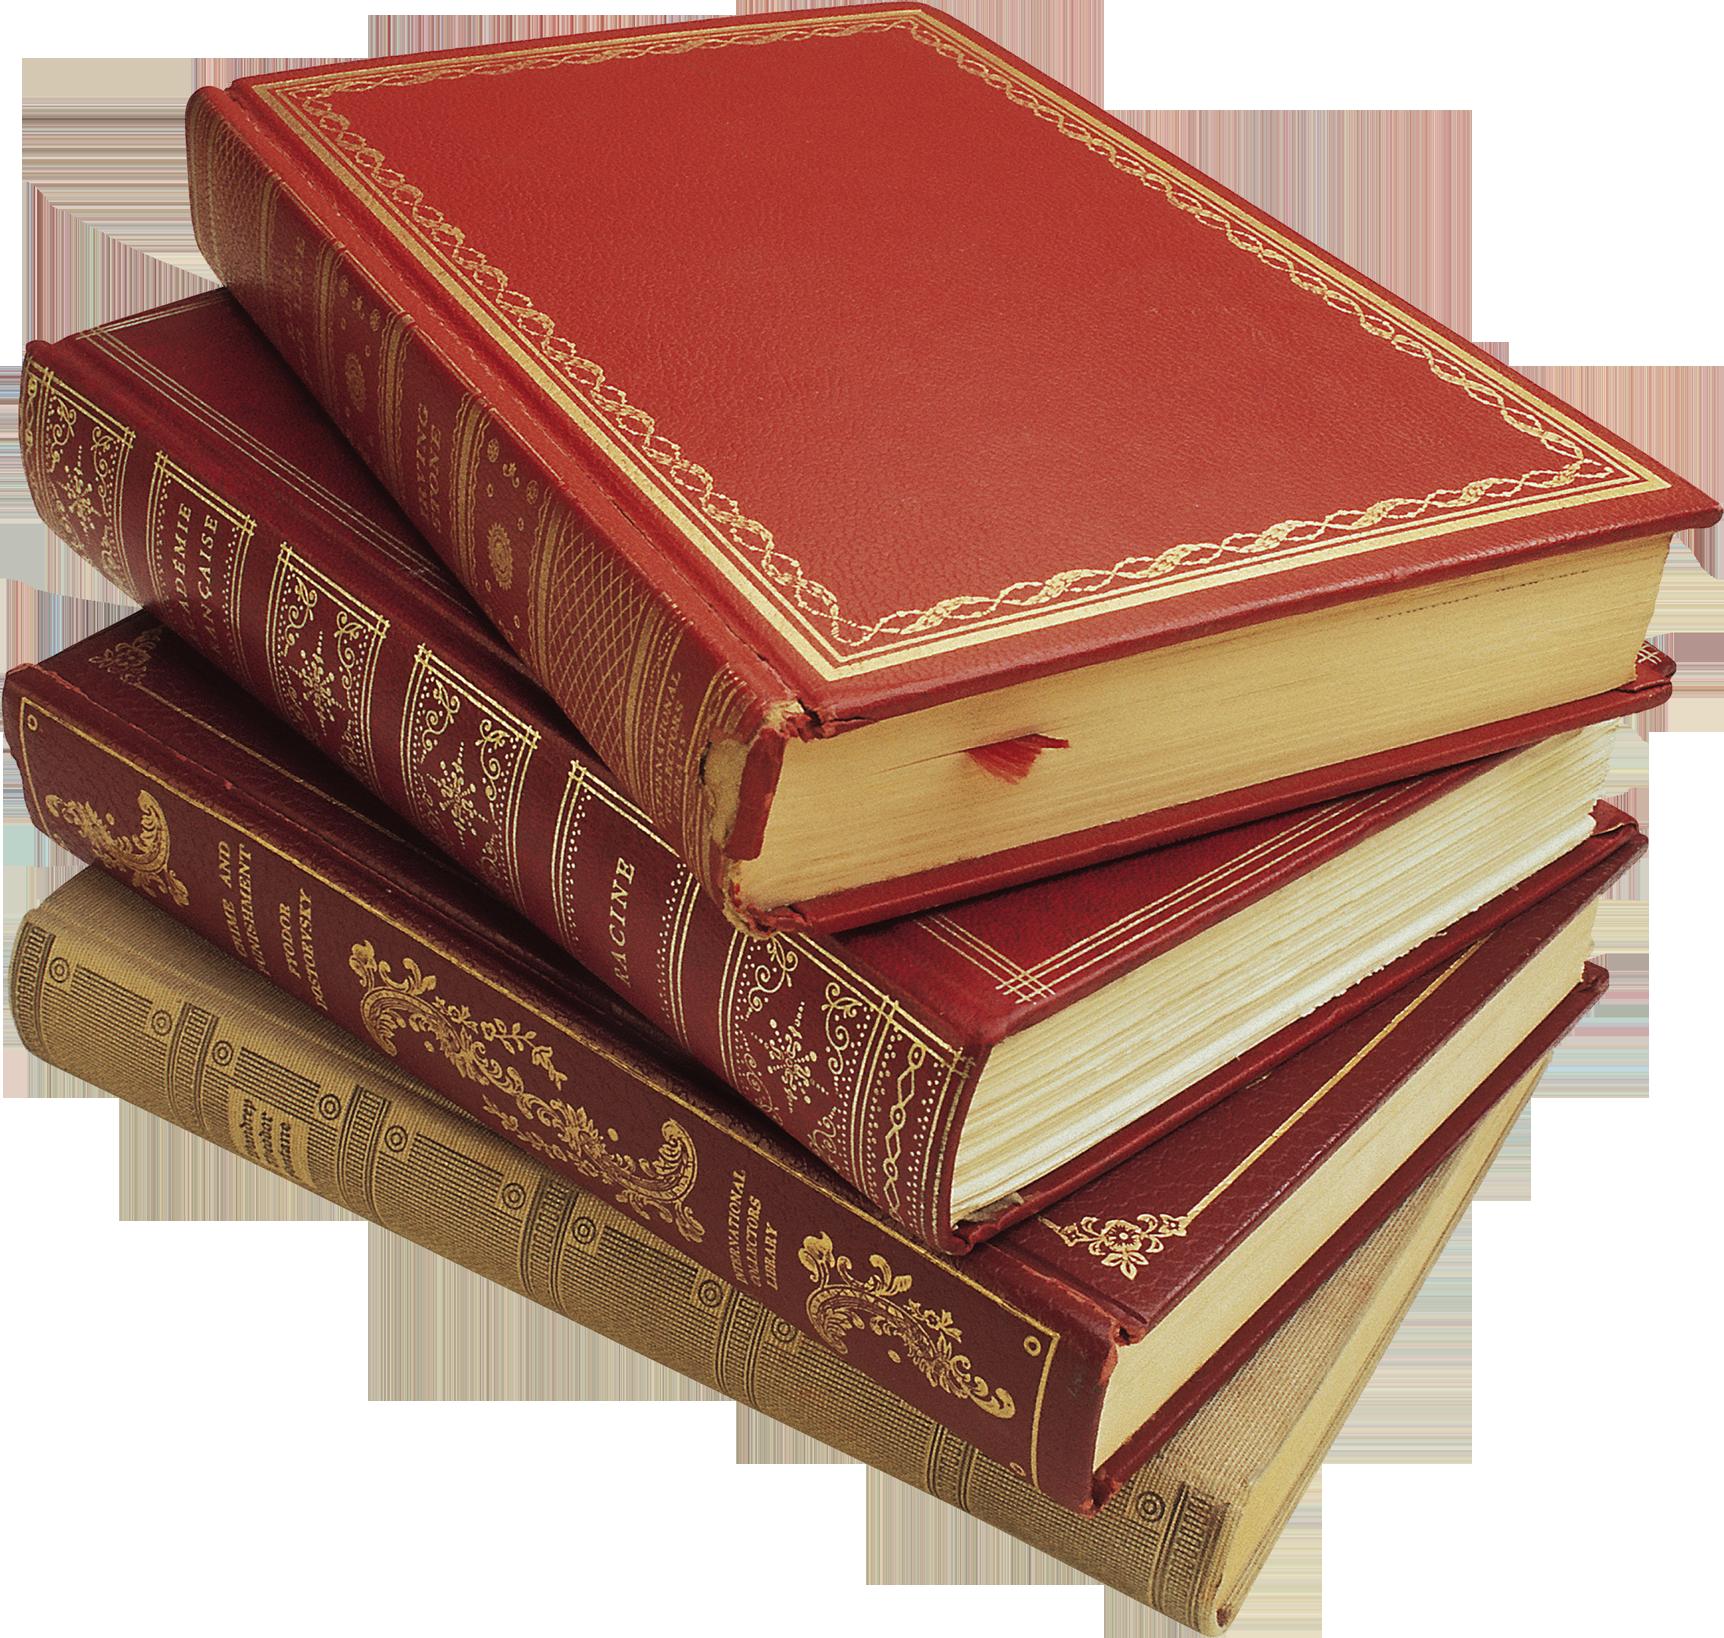 В библиотеке Белинского открылась выставка книг